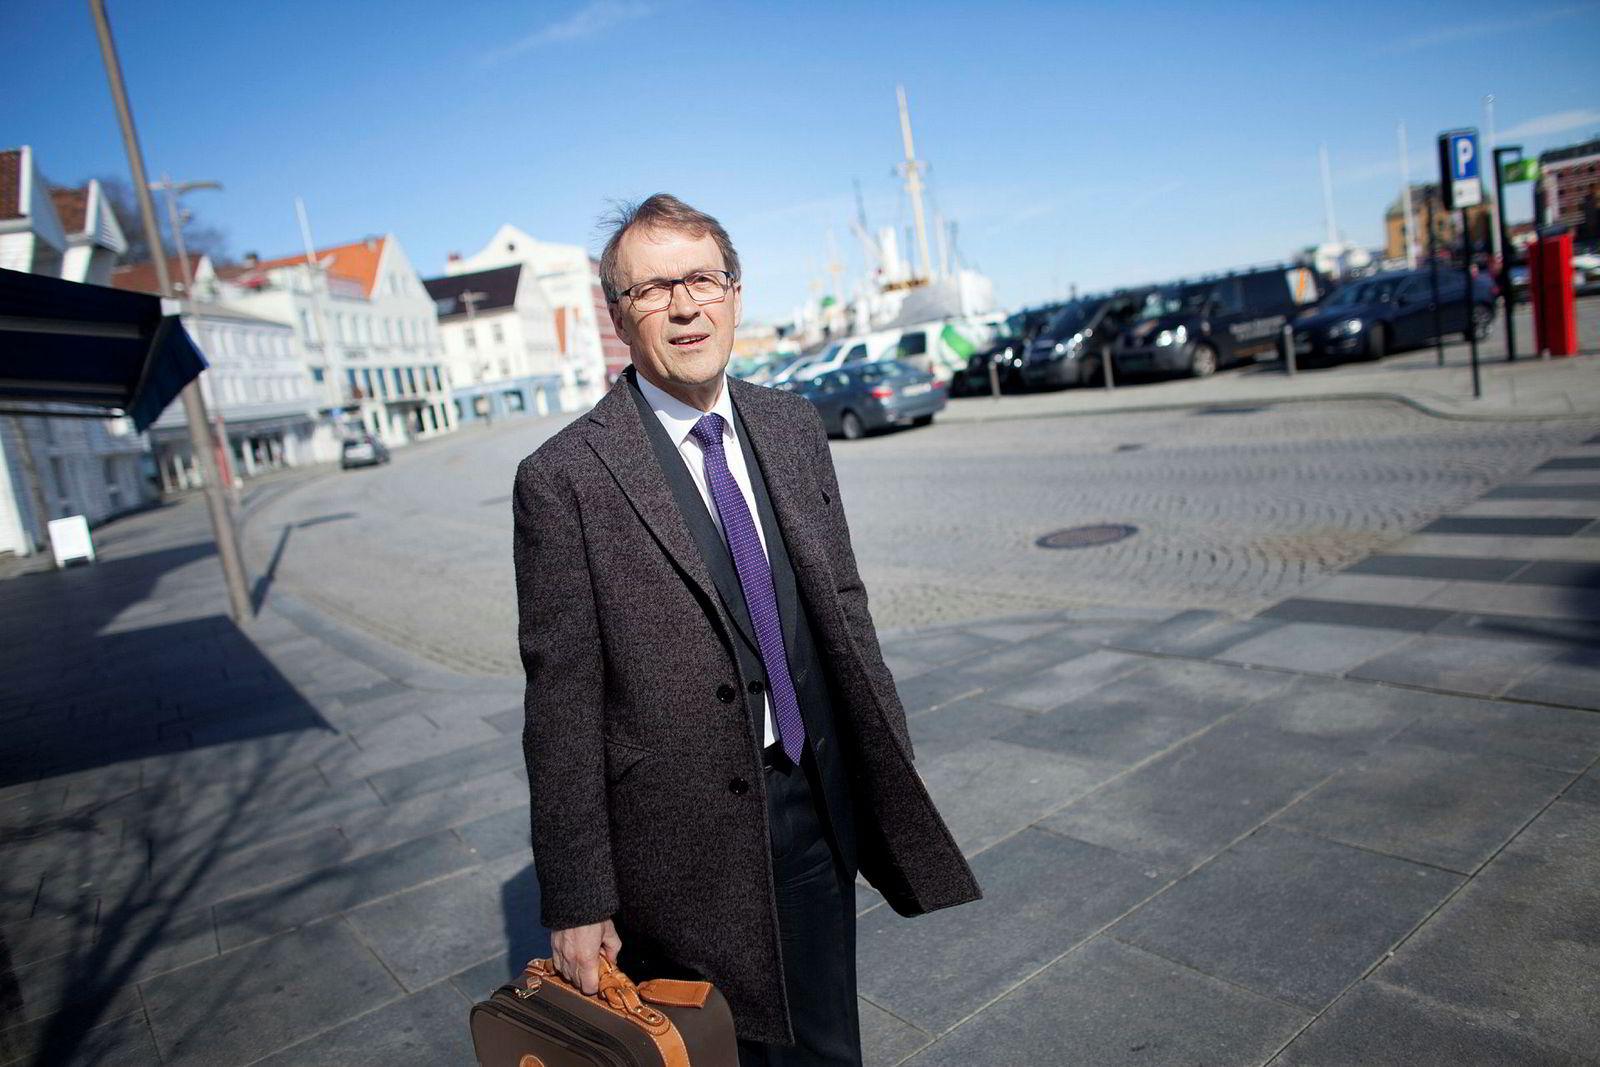 – Jeg ansatte Einar fordi han var kjapp i toppetasjen, sier tidligere Hydro-sjef Eivind Reiten. Les DN Magasinets sak om Einar Aas.